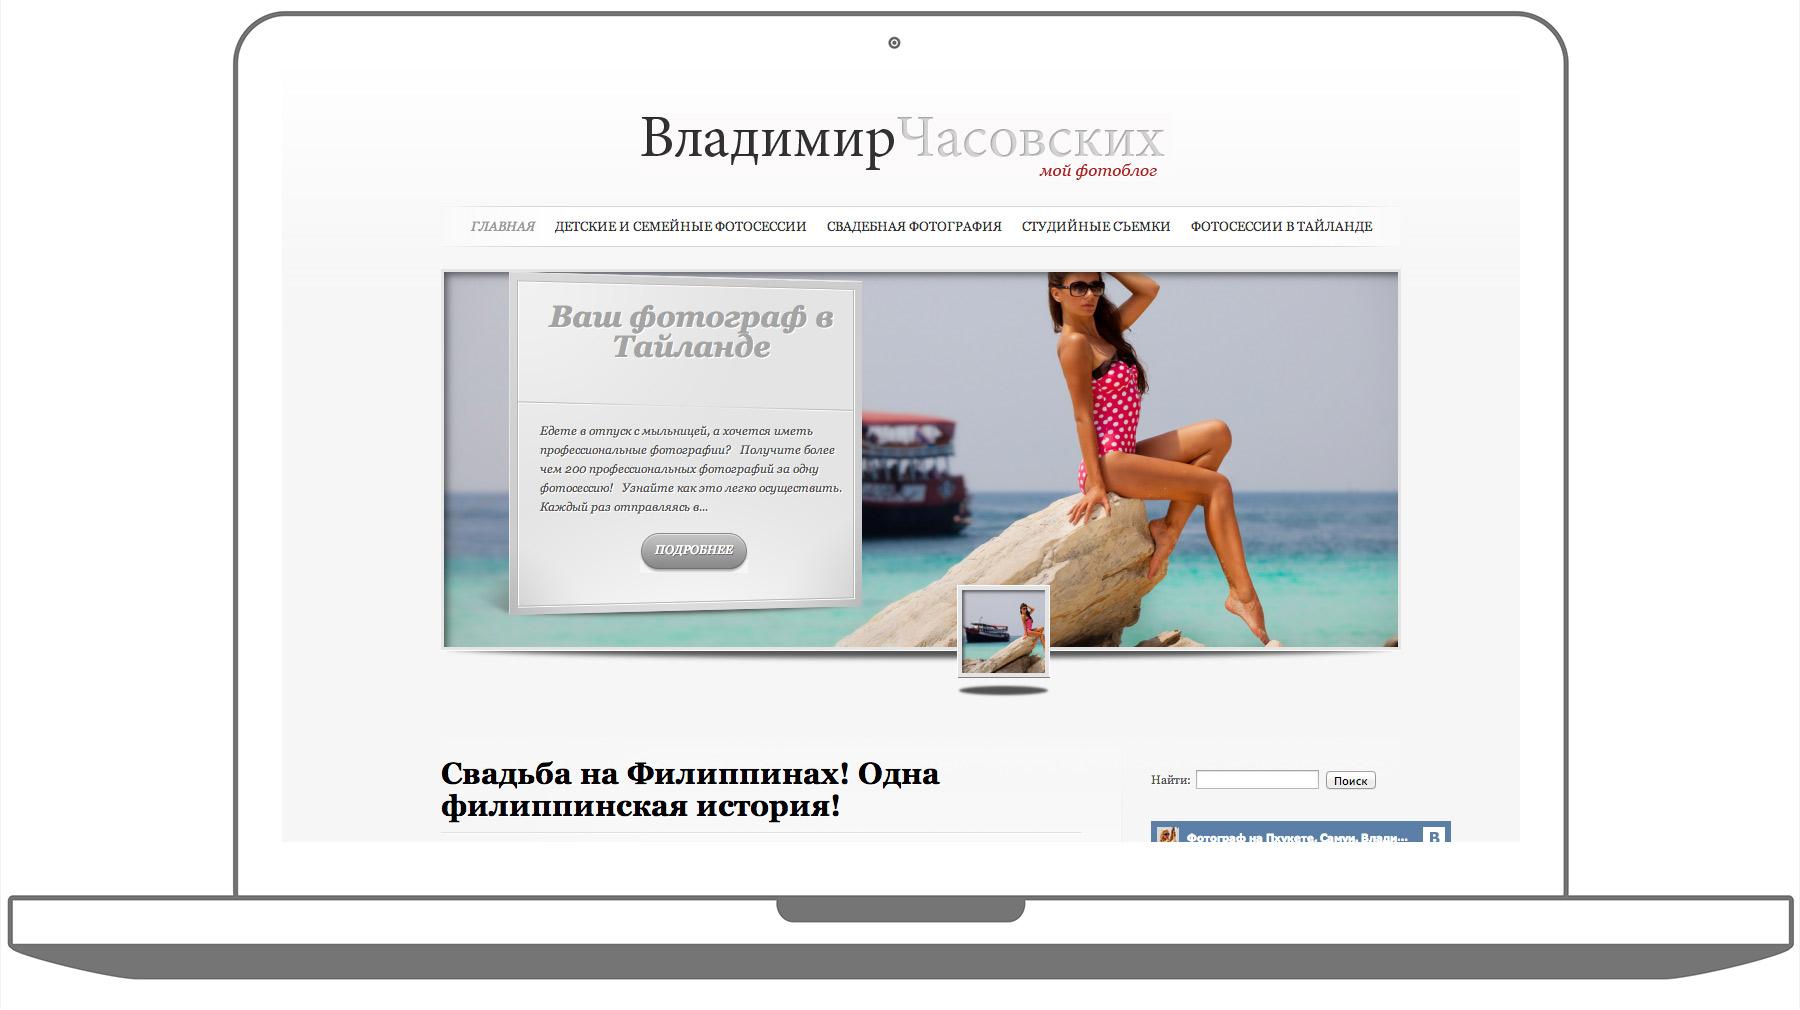 Владимир Часовских, главная страница